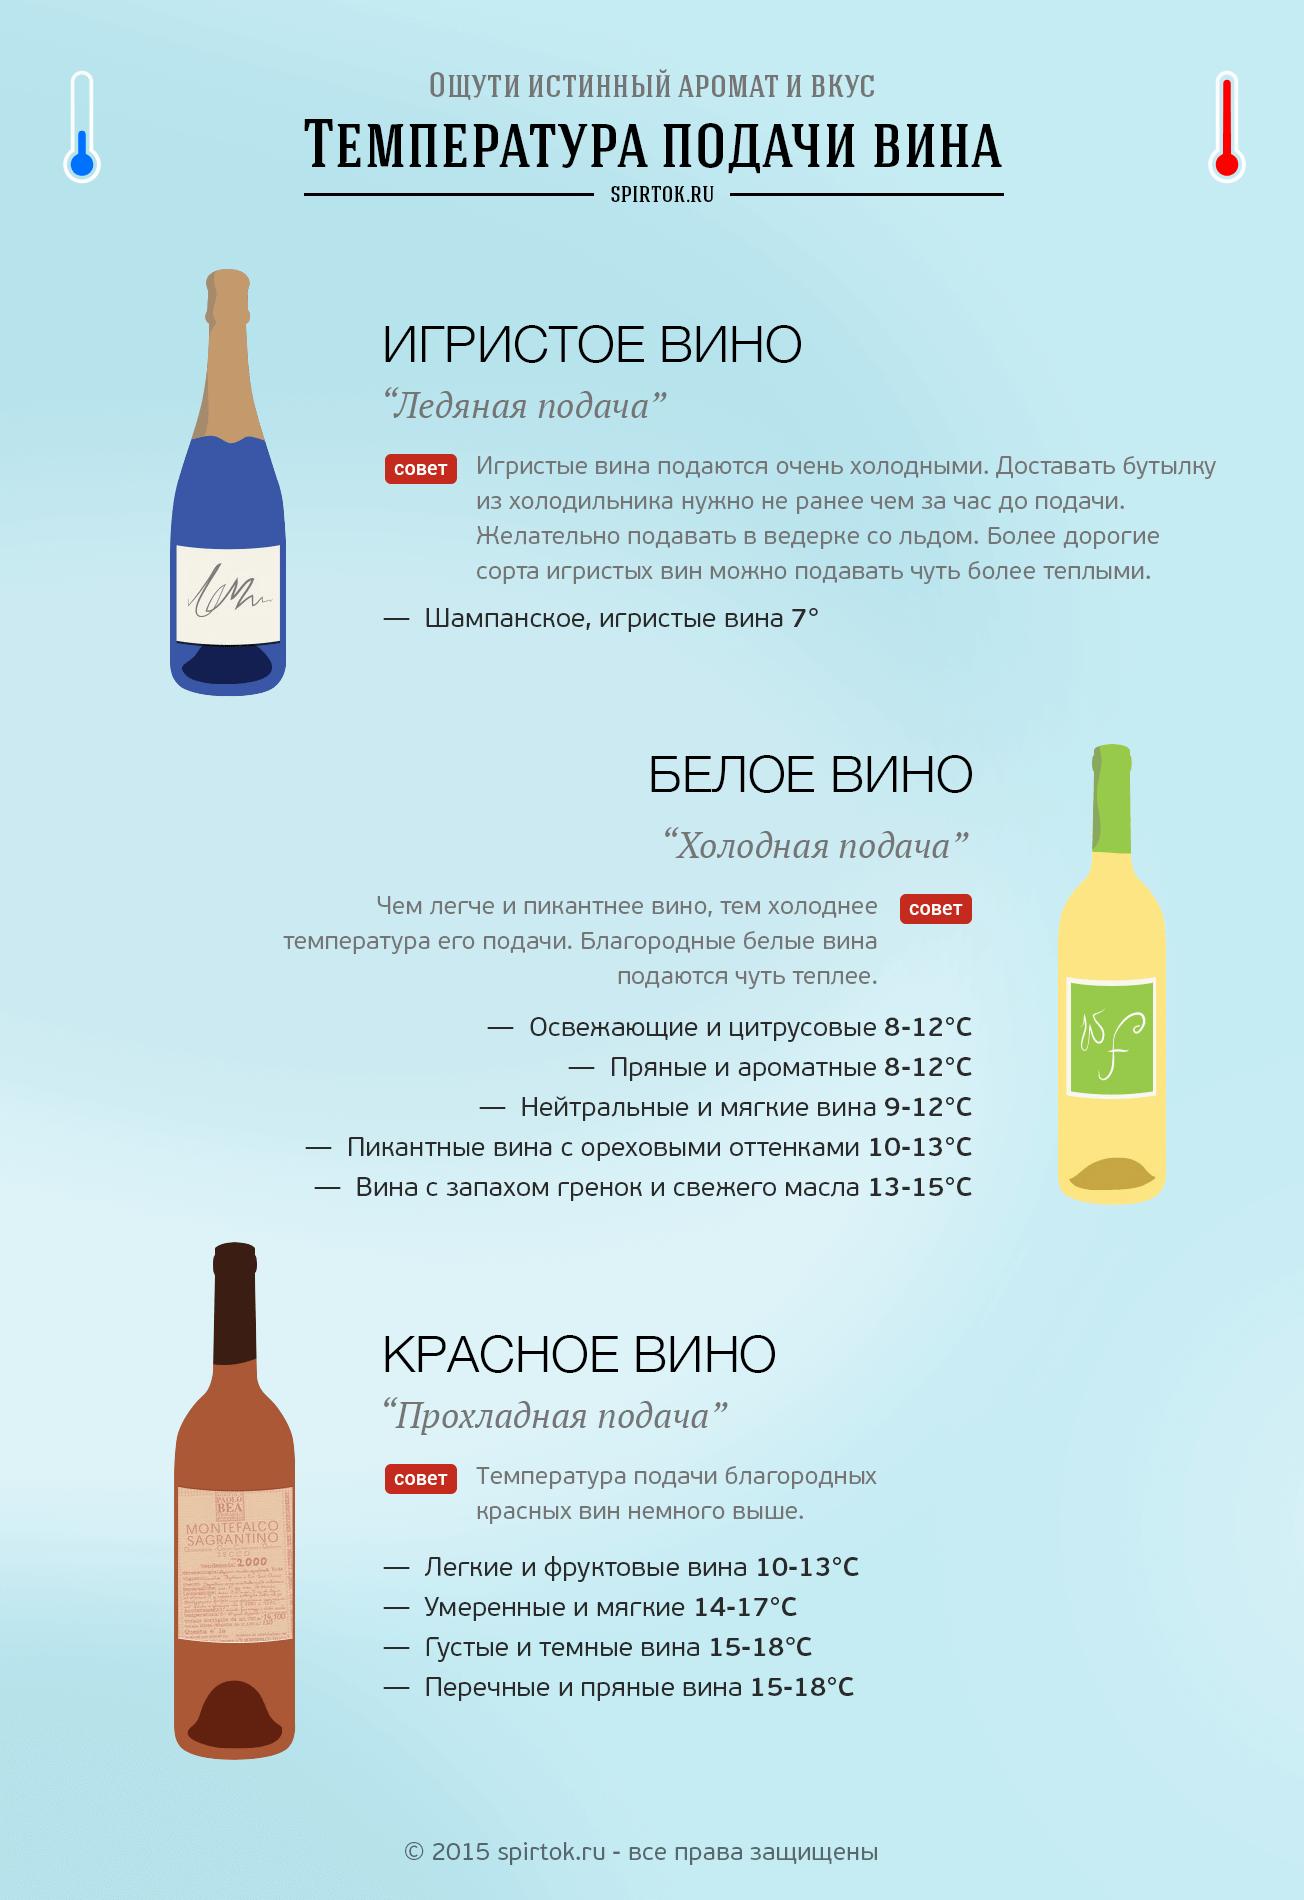 Сколько можно и как хранить вино (домашнее, открытое, красное)